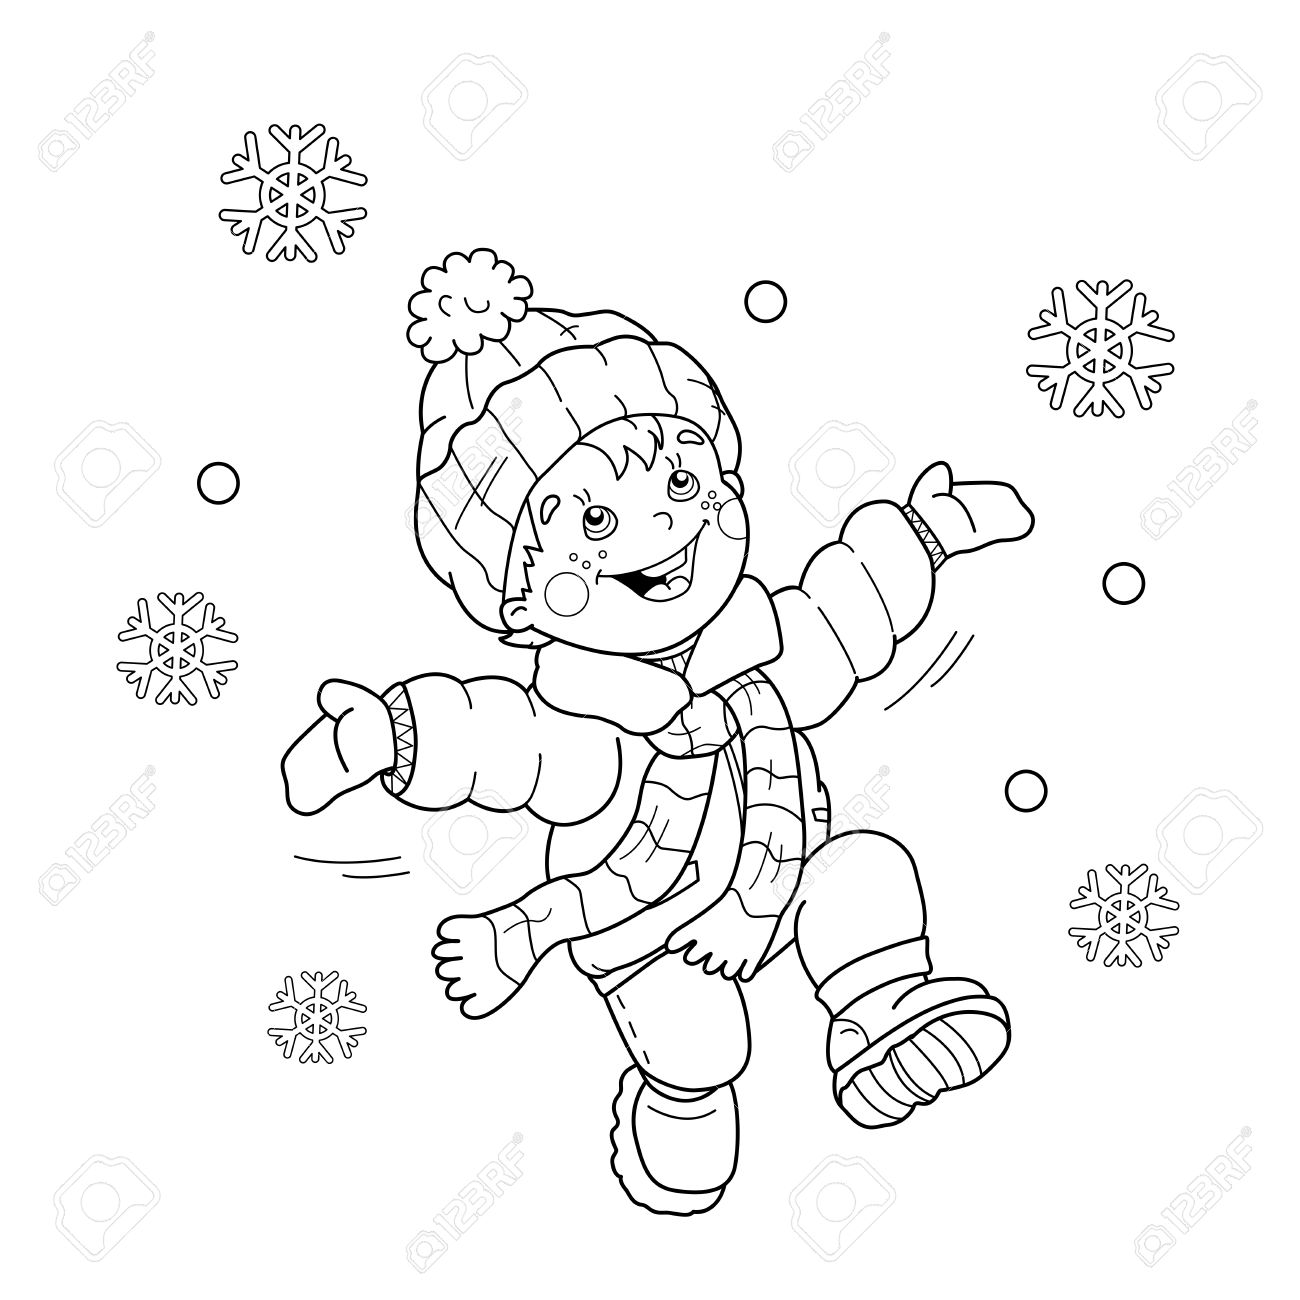 Página Para Colorear Esquema Del Niño De Dibujos Animados Saltando